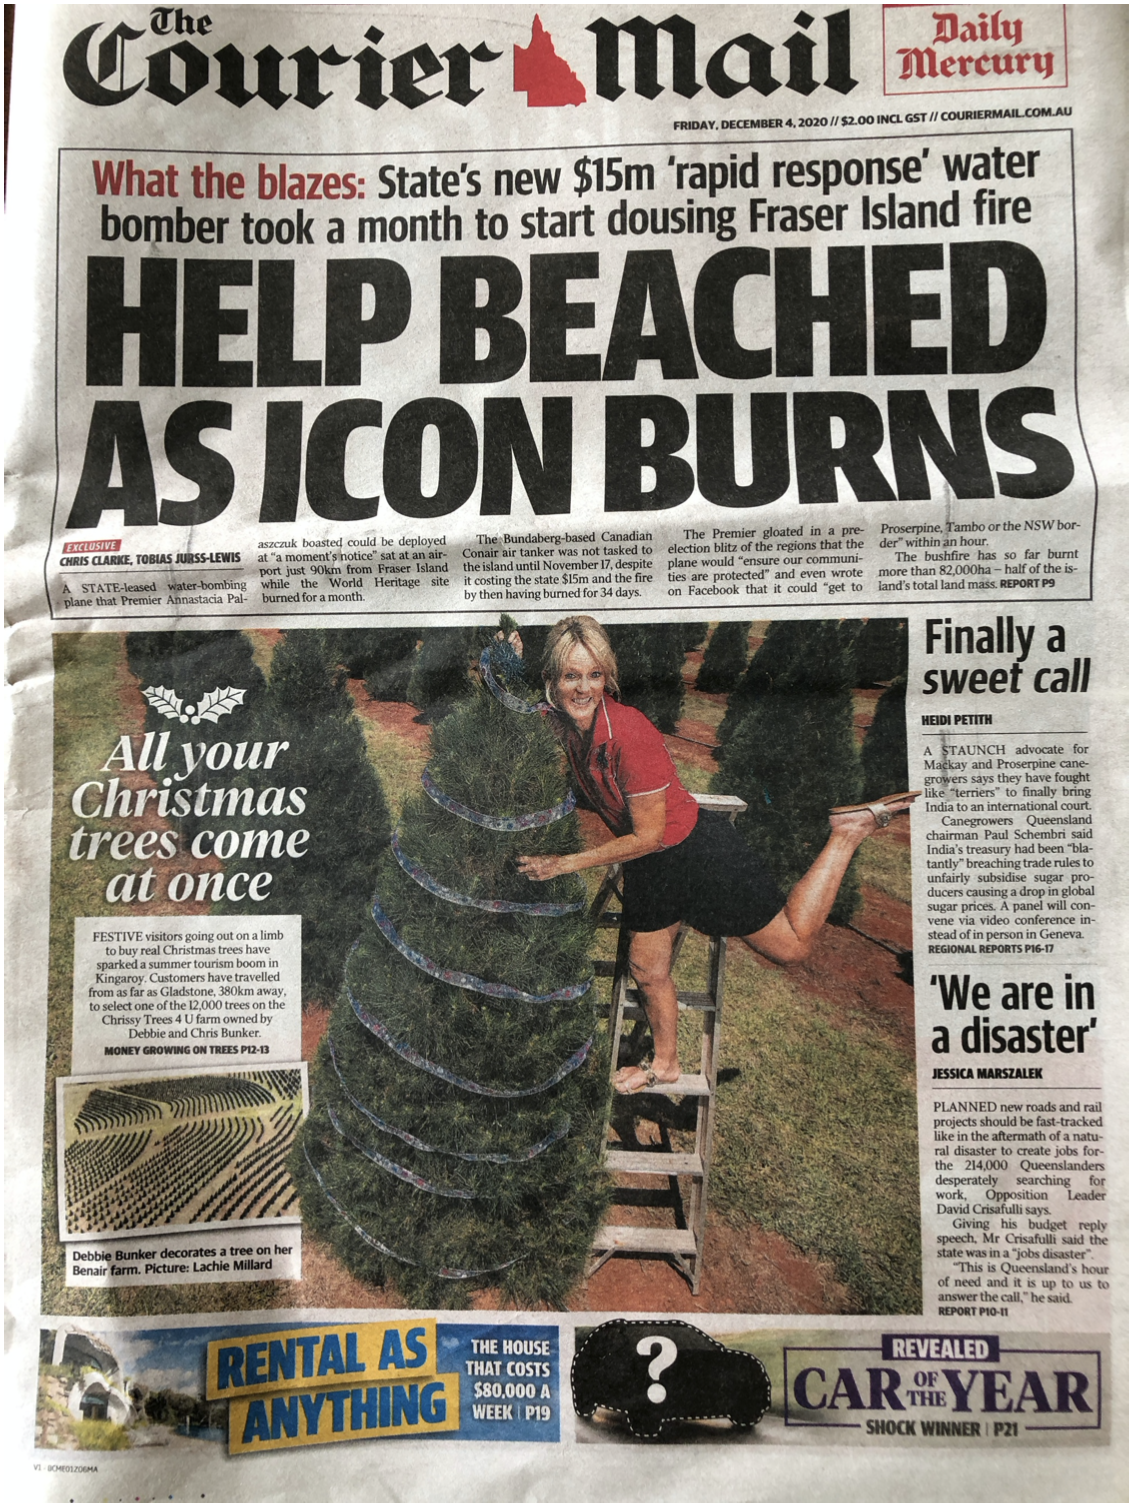 Tourists buy Real Christmas trees